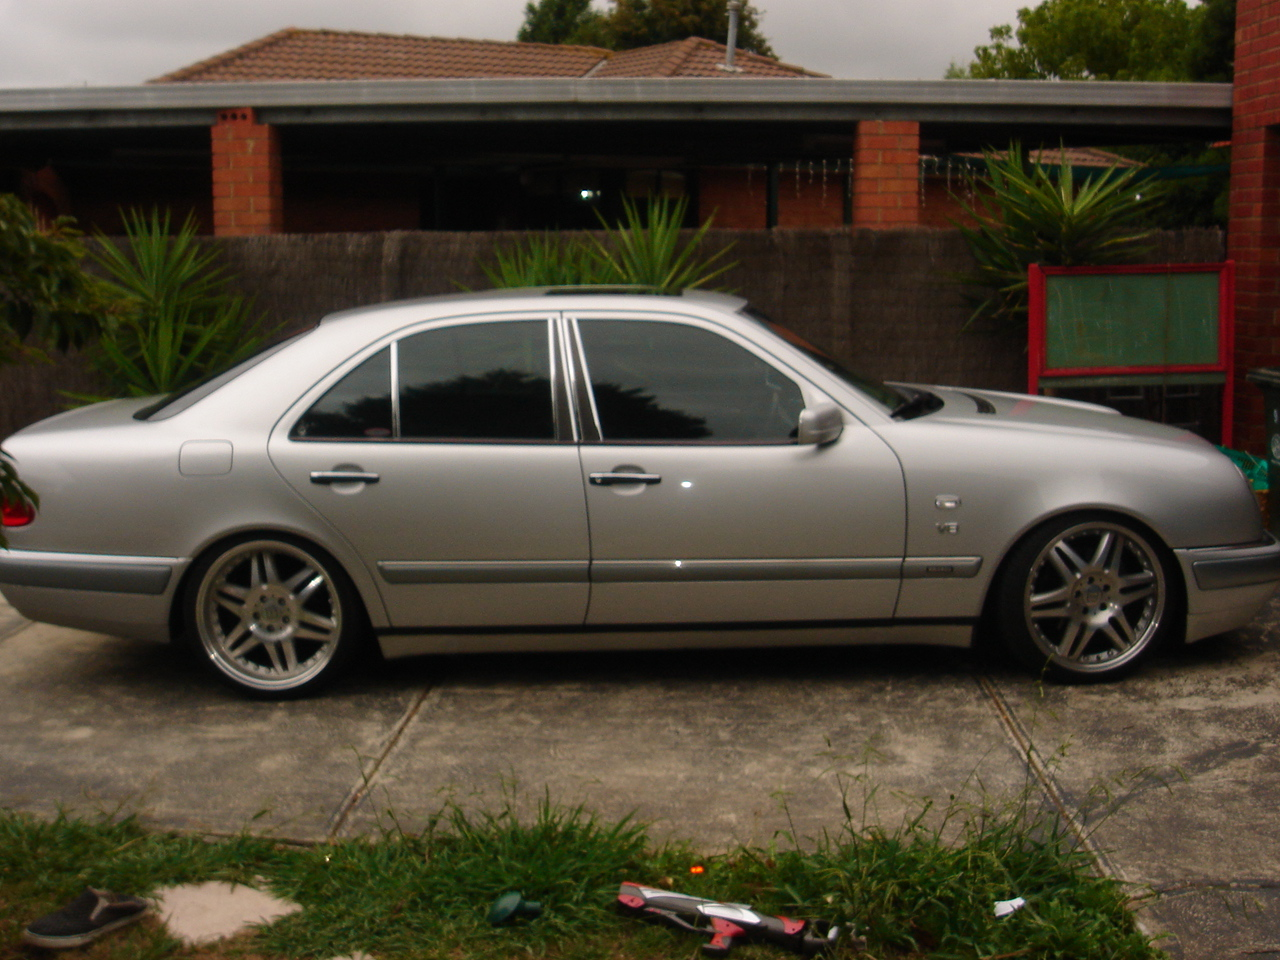 1998 mercedes benz e class pictures cargurus for Mercedes benz 2001 e430